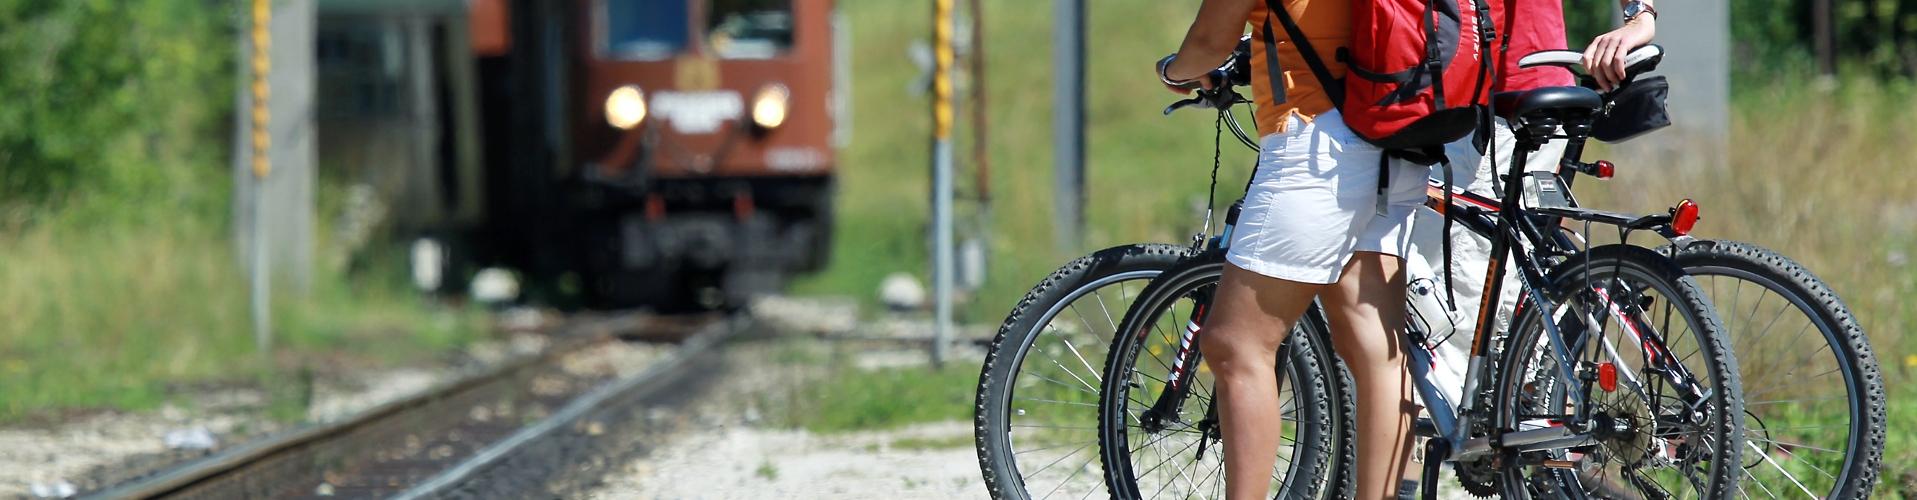 Ötscherbär mit Räder ©weinfranz